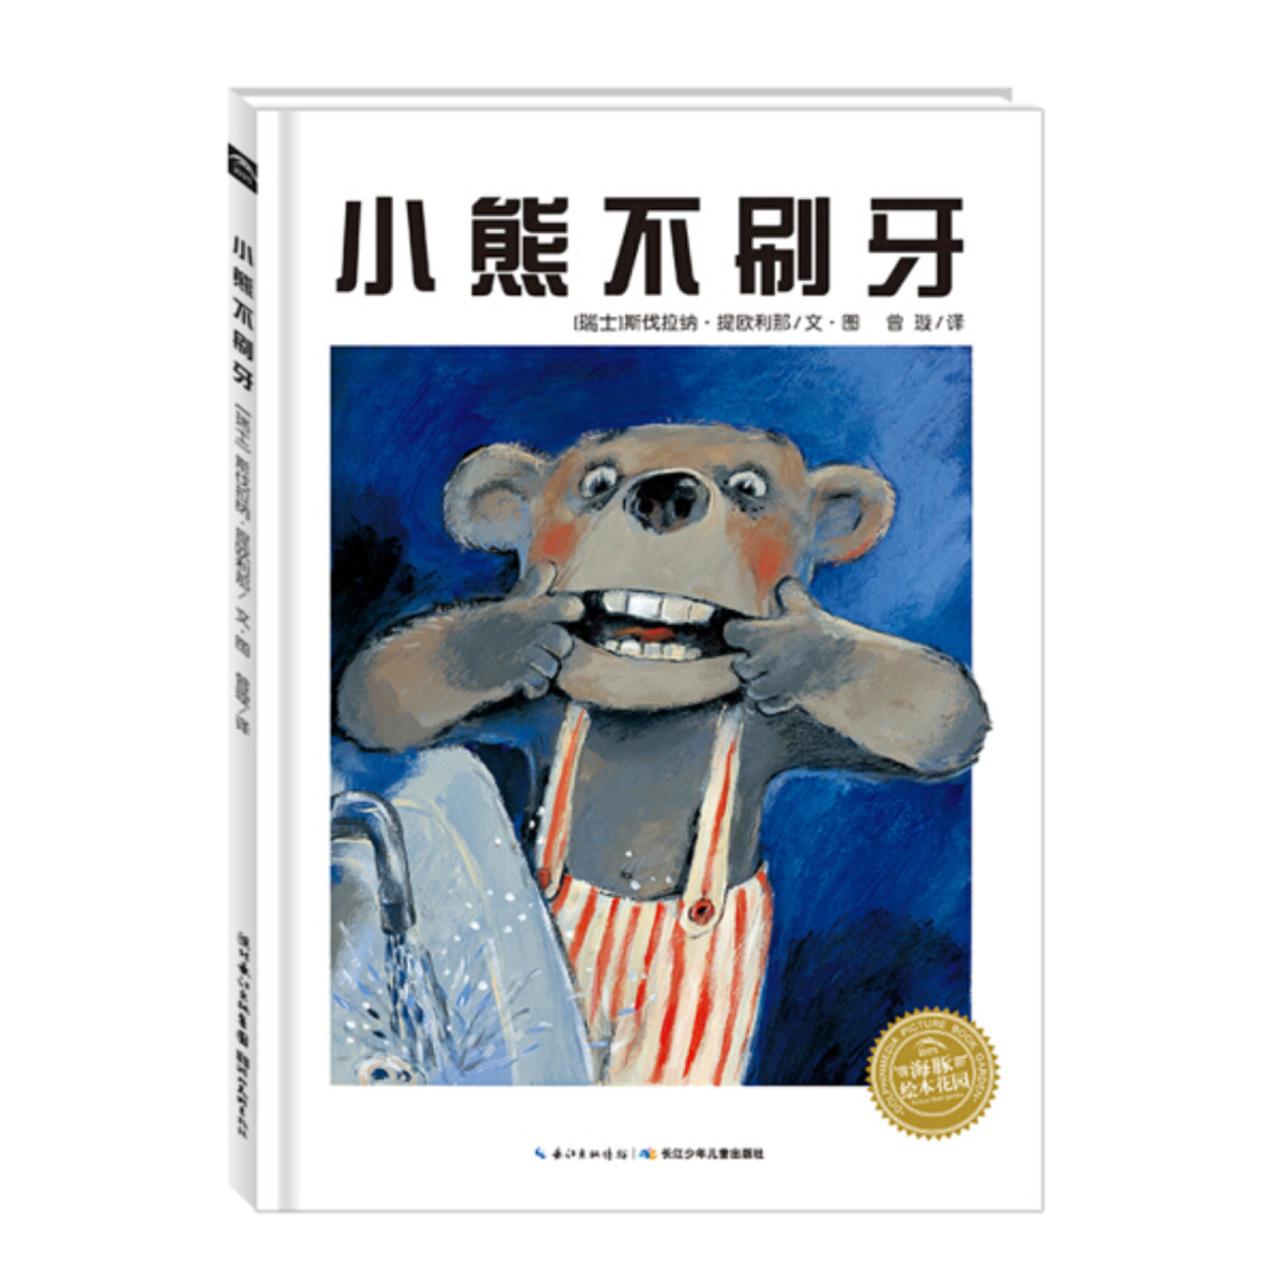 小熊不刷牙【儿童绘本/翻译绘本/有趣故事】